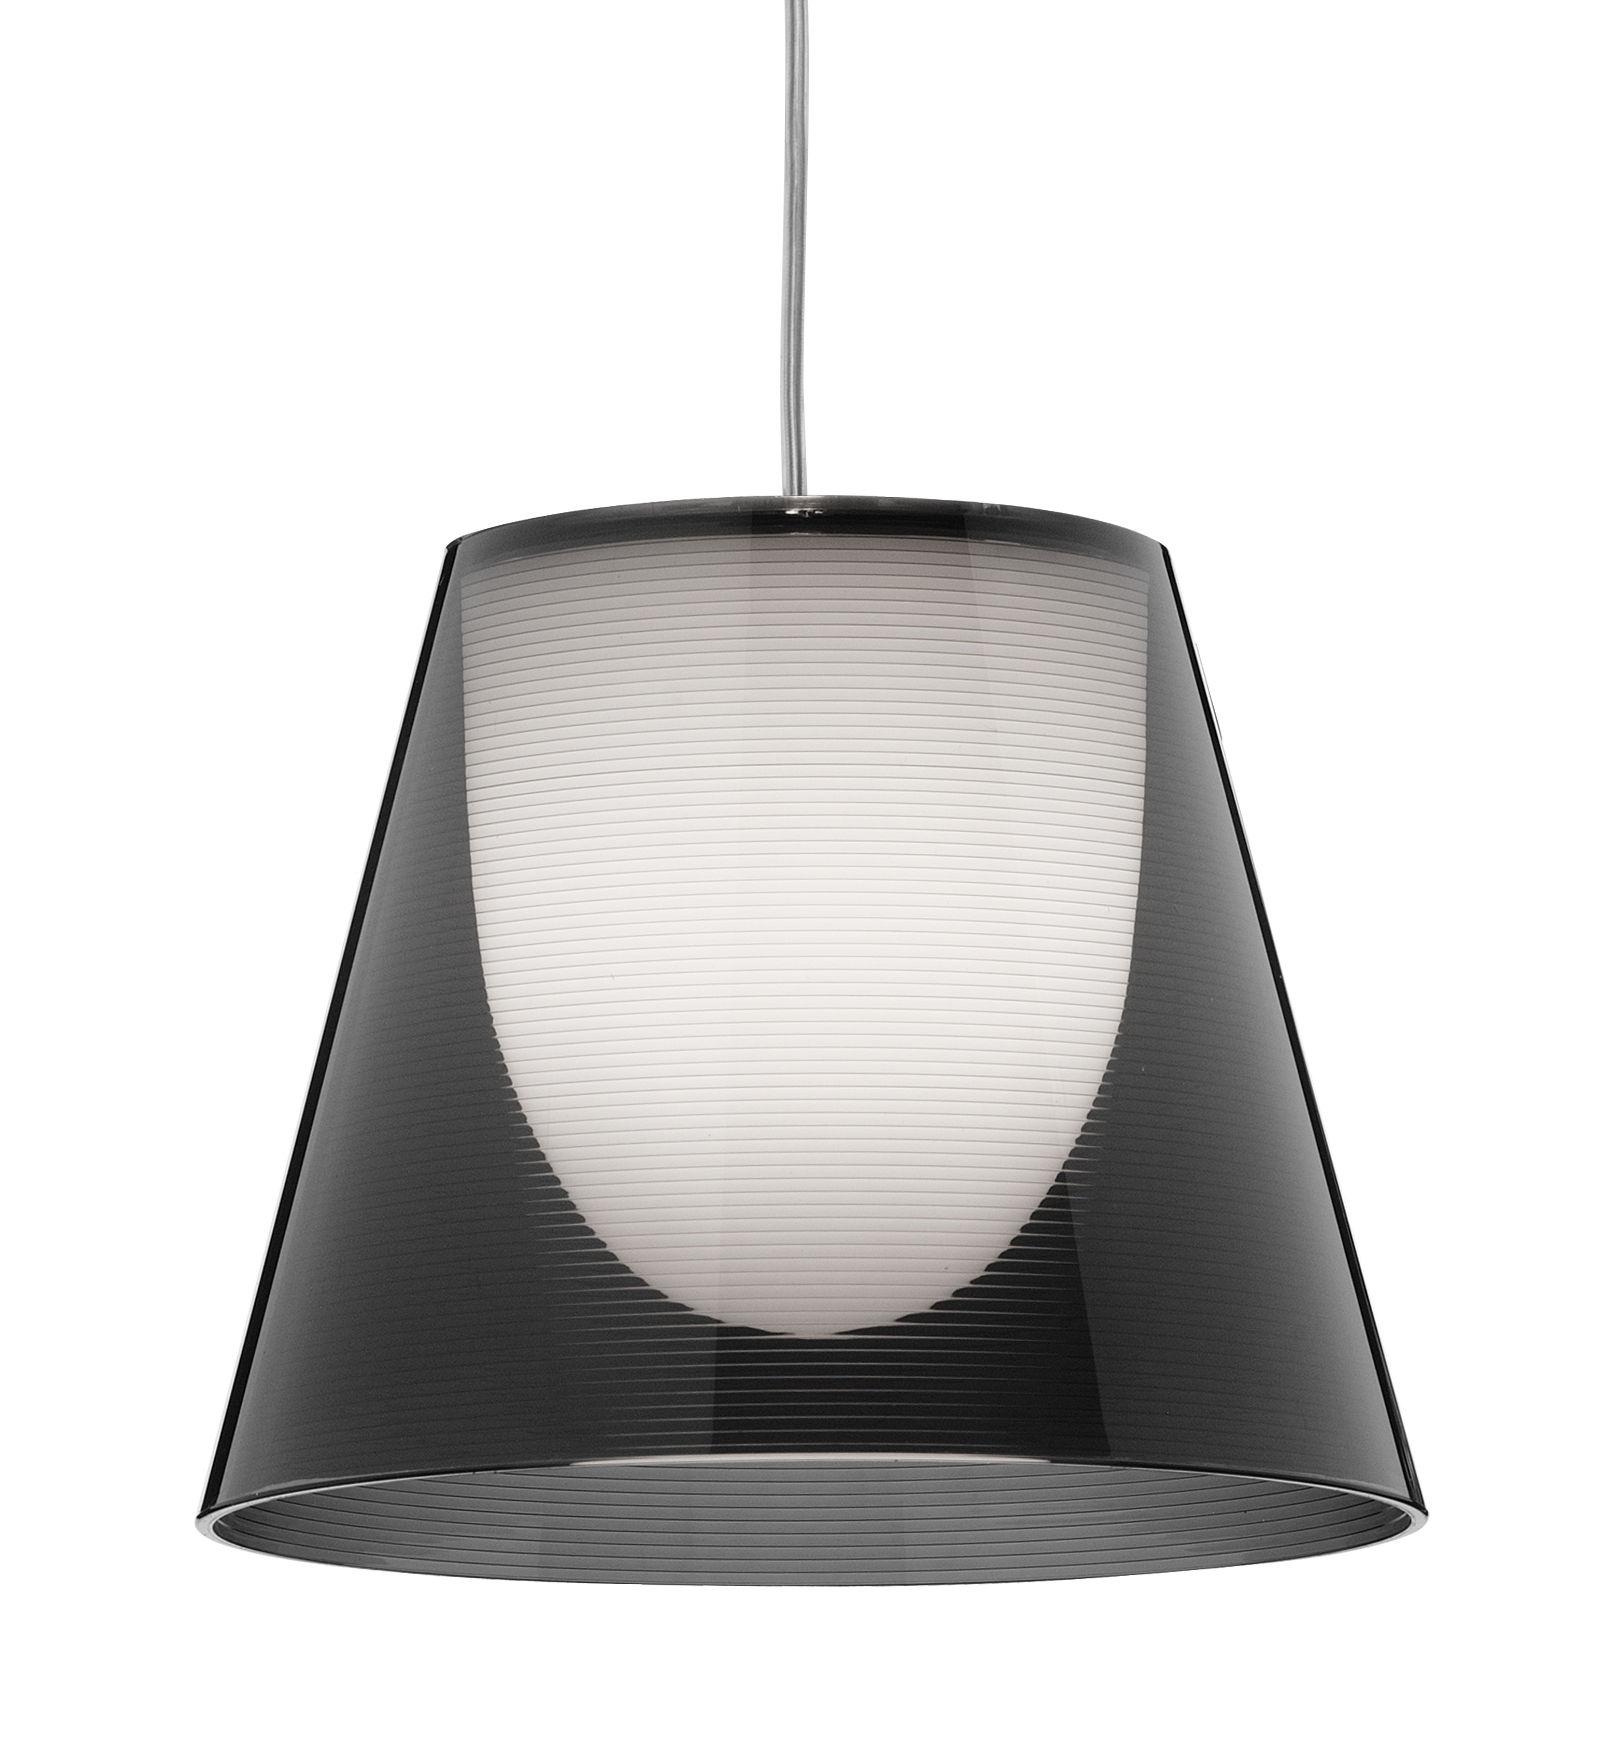 Illuminazione - Lampadari - Sospensione K Tribe S1 - Ø 24 cm di Flos - Fumo - PMMA, policarbonato